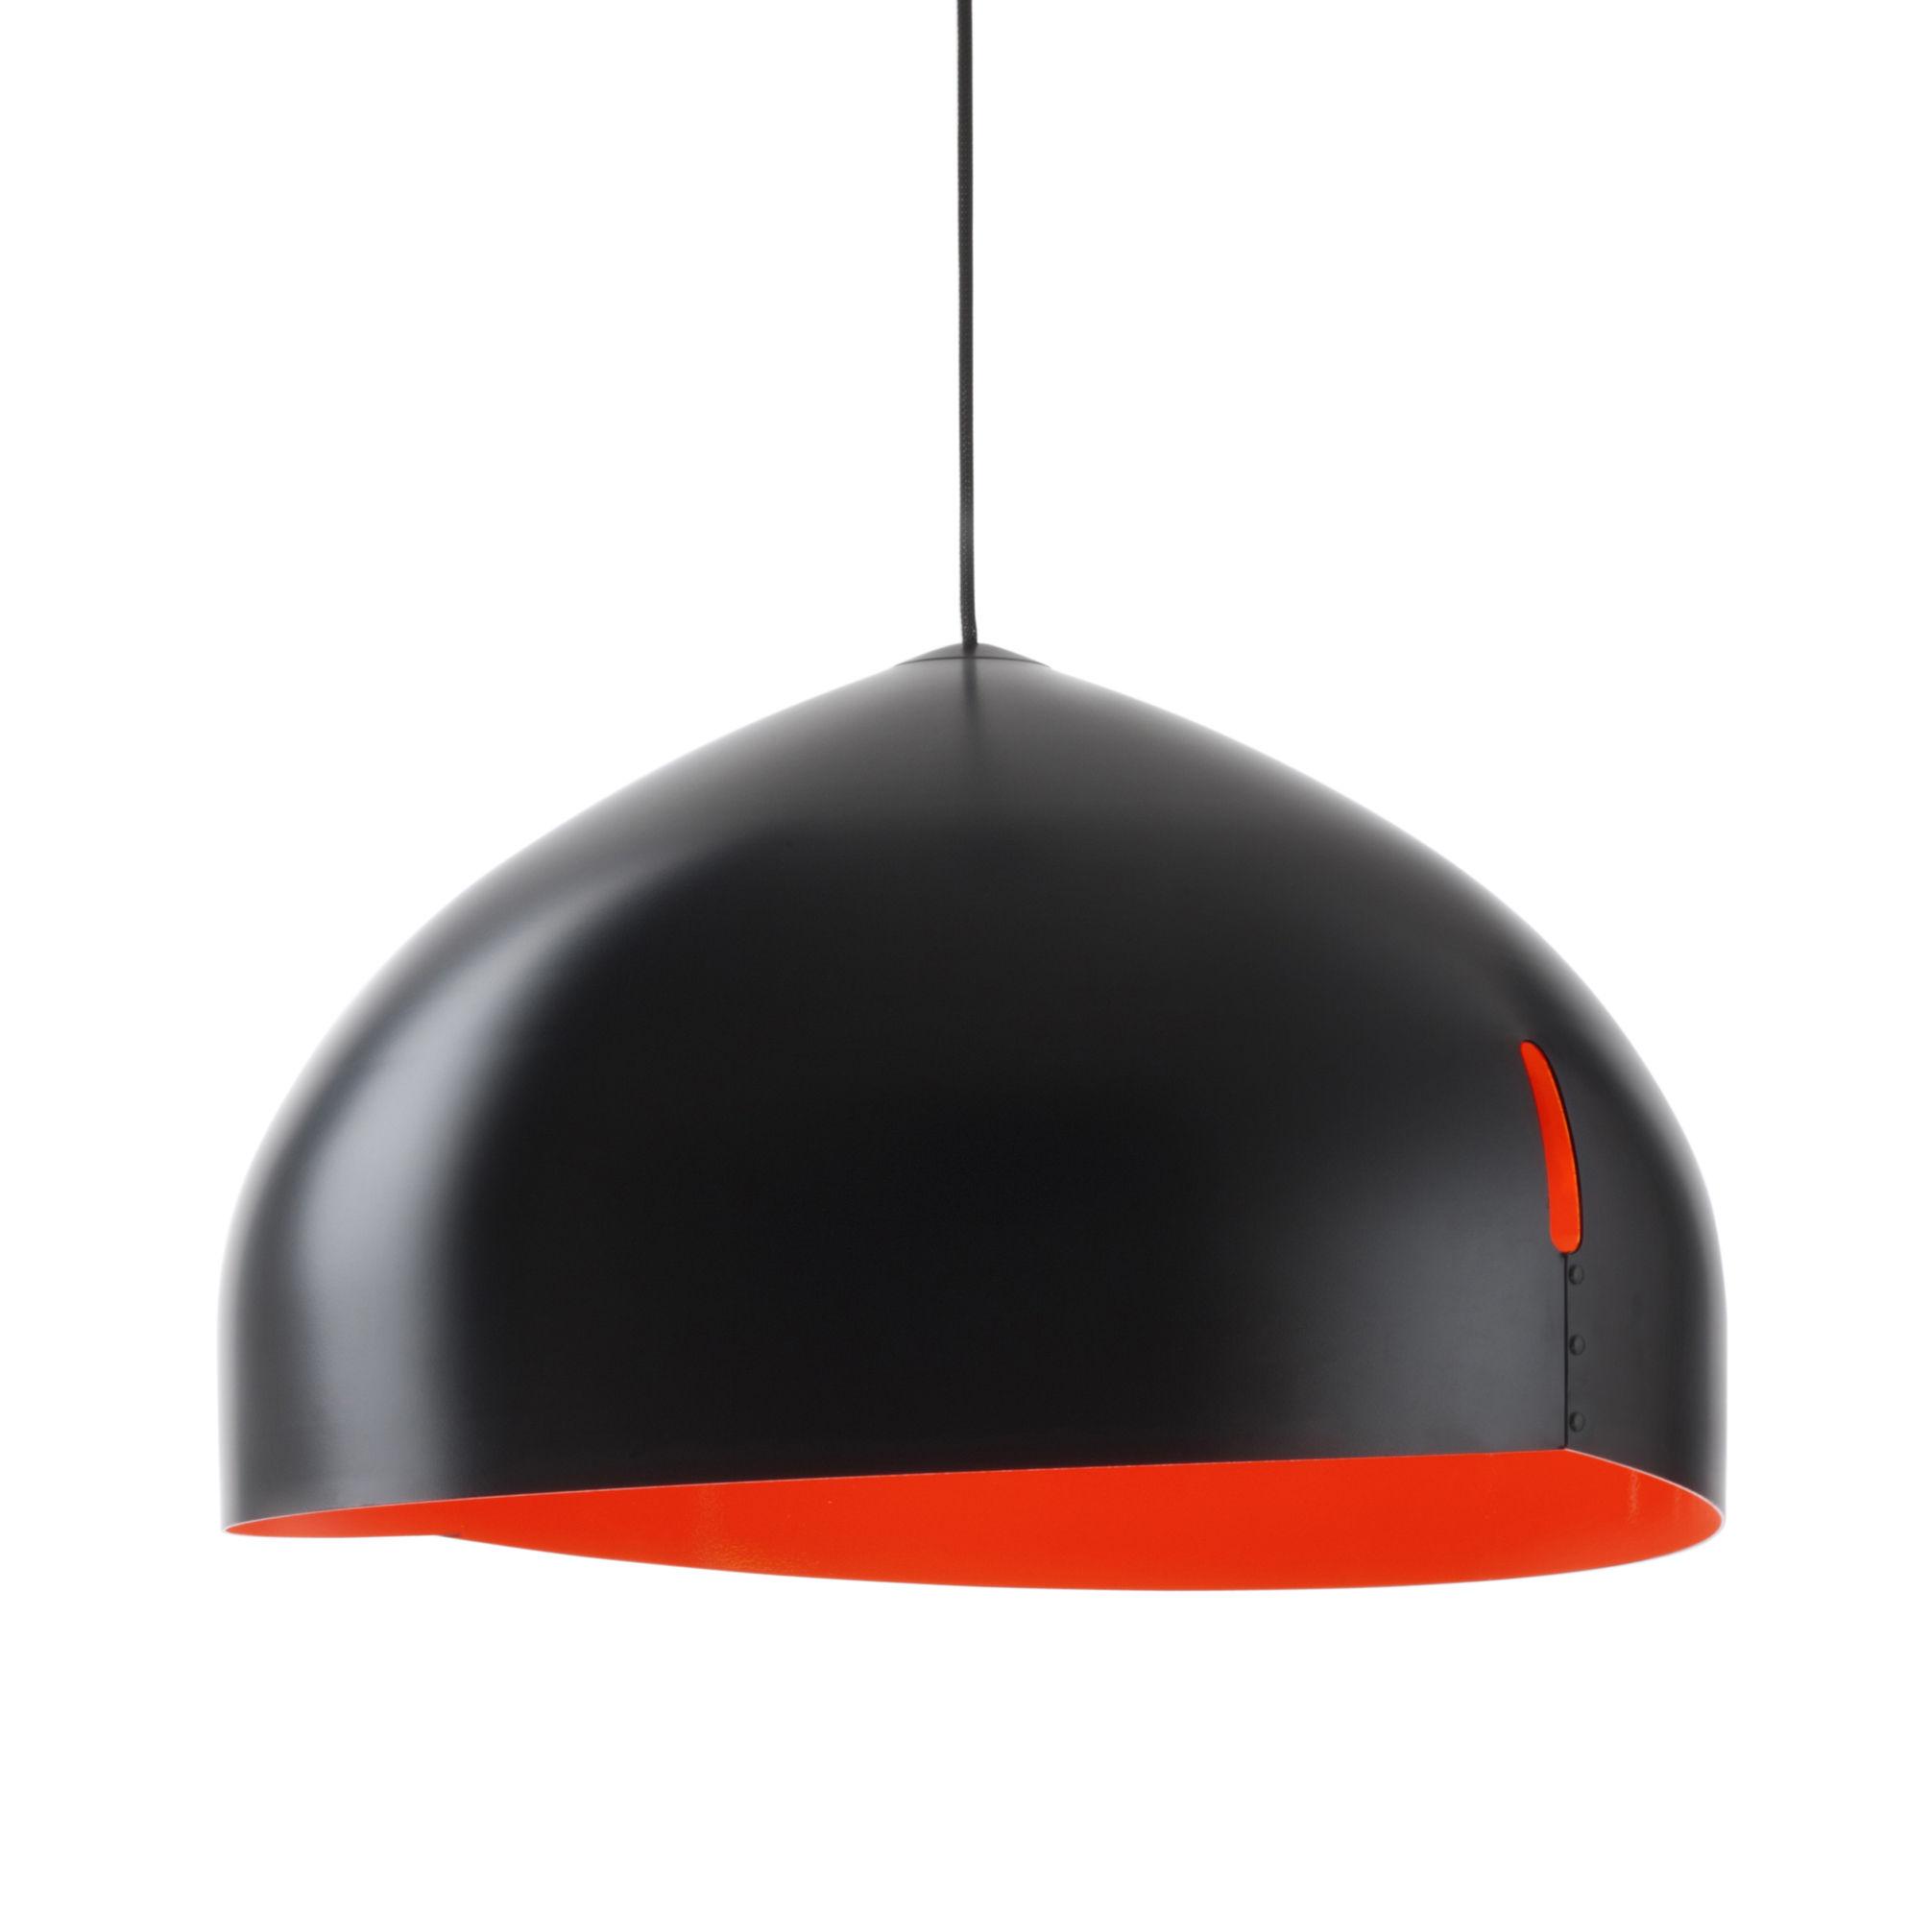 Luminaire - Suspensions - Suspension Oru / Ø 56 cm - Fabbian - Noir / intérieur Rouge - Aluminium peint